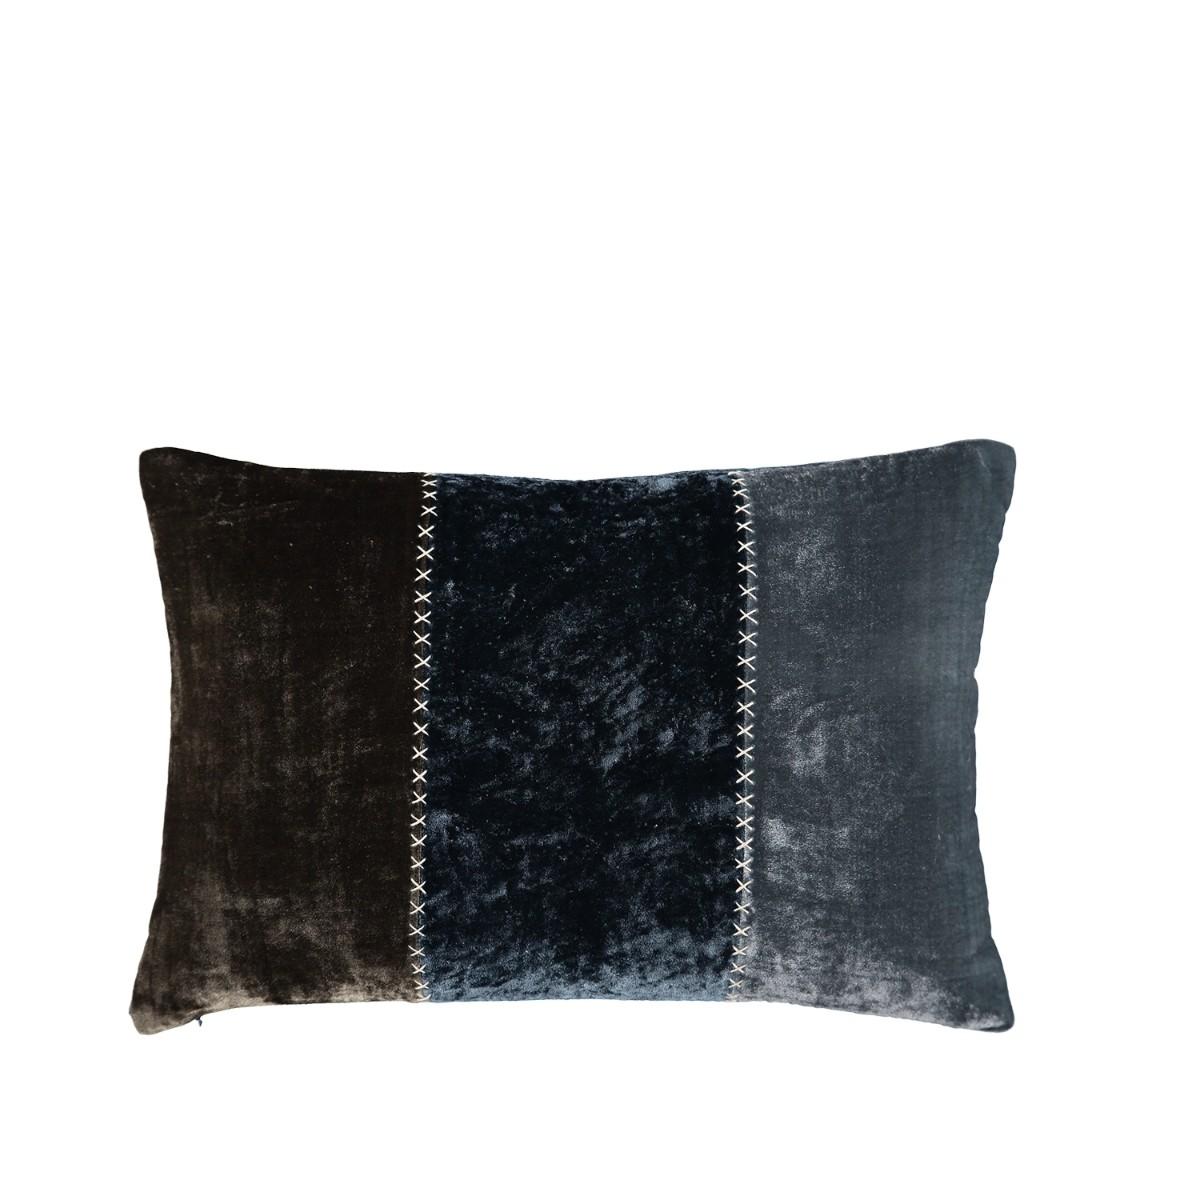 William Yeoward | Aritha Cushion Slates